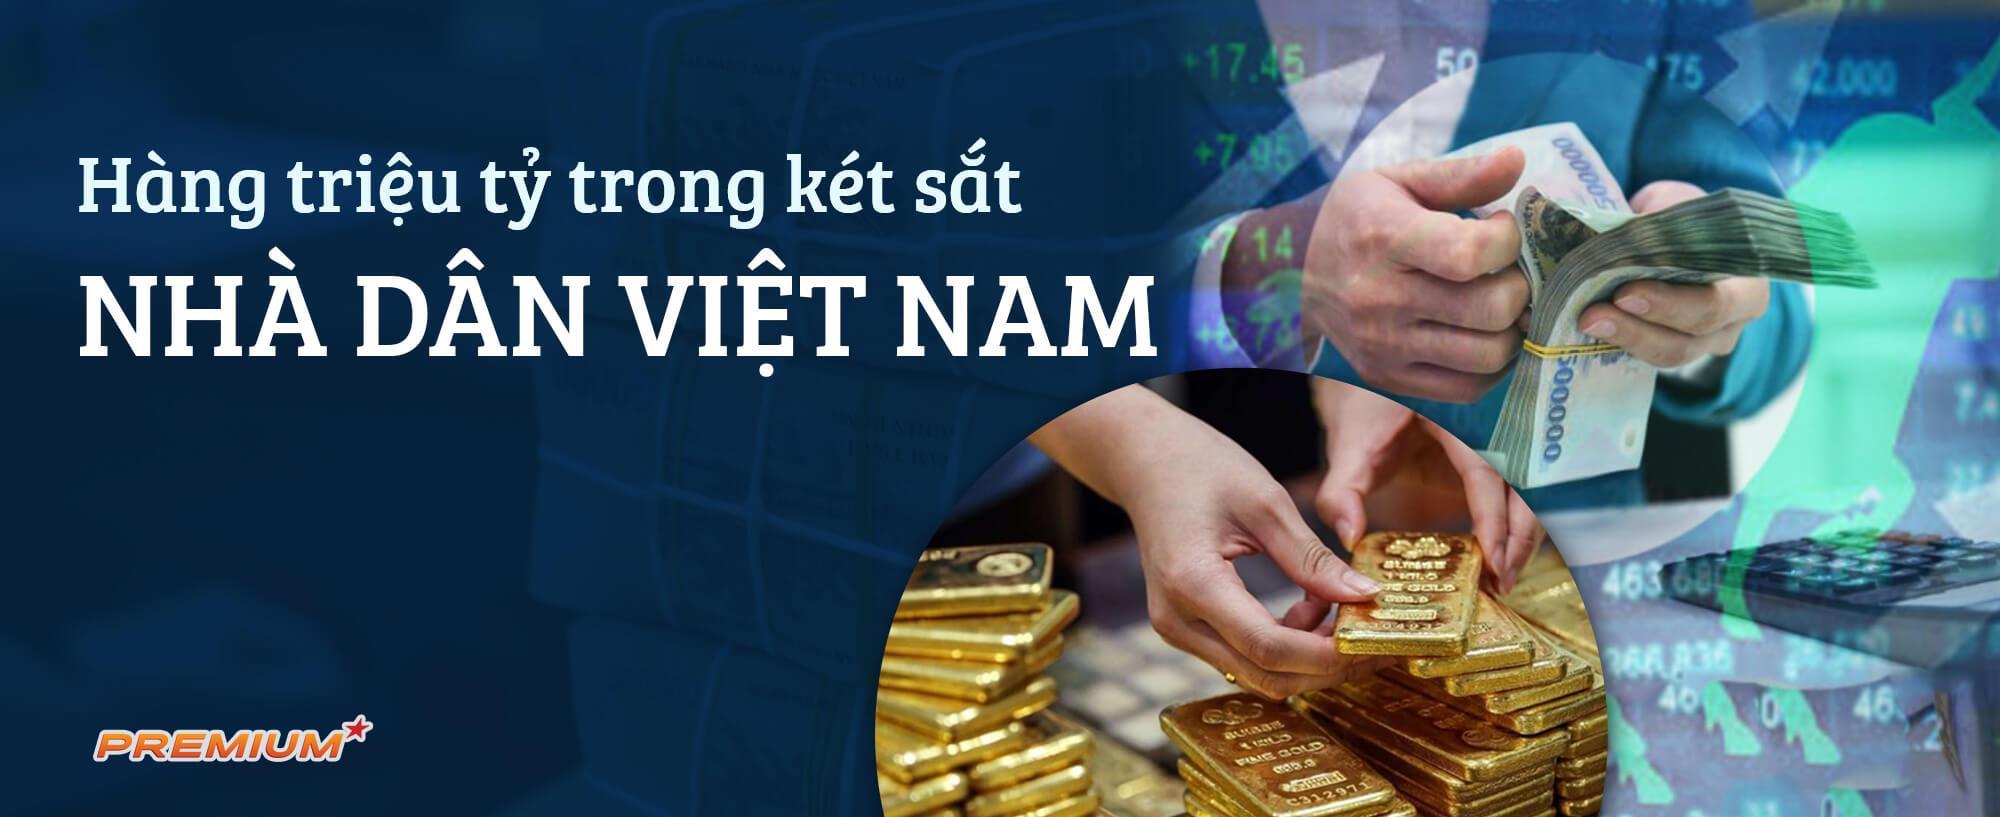 Hàng triệu tỷ trong két sắt nhà dân Việt Nam